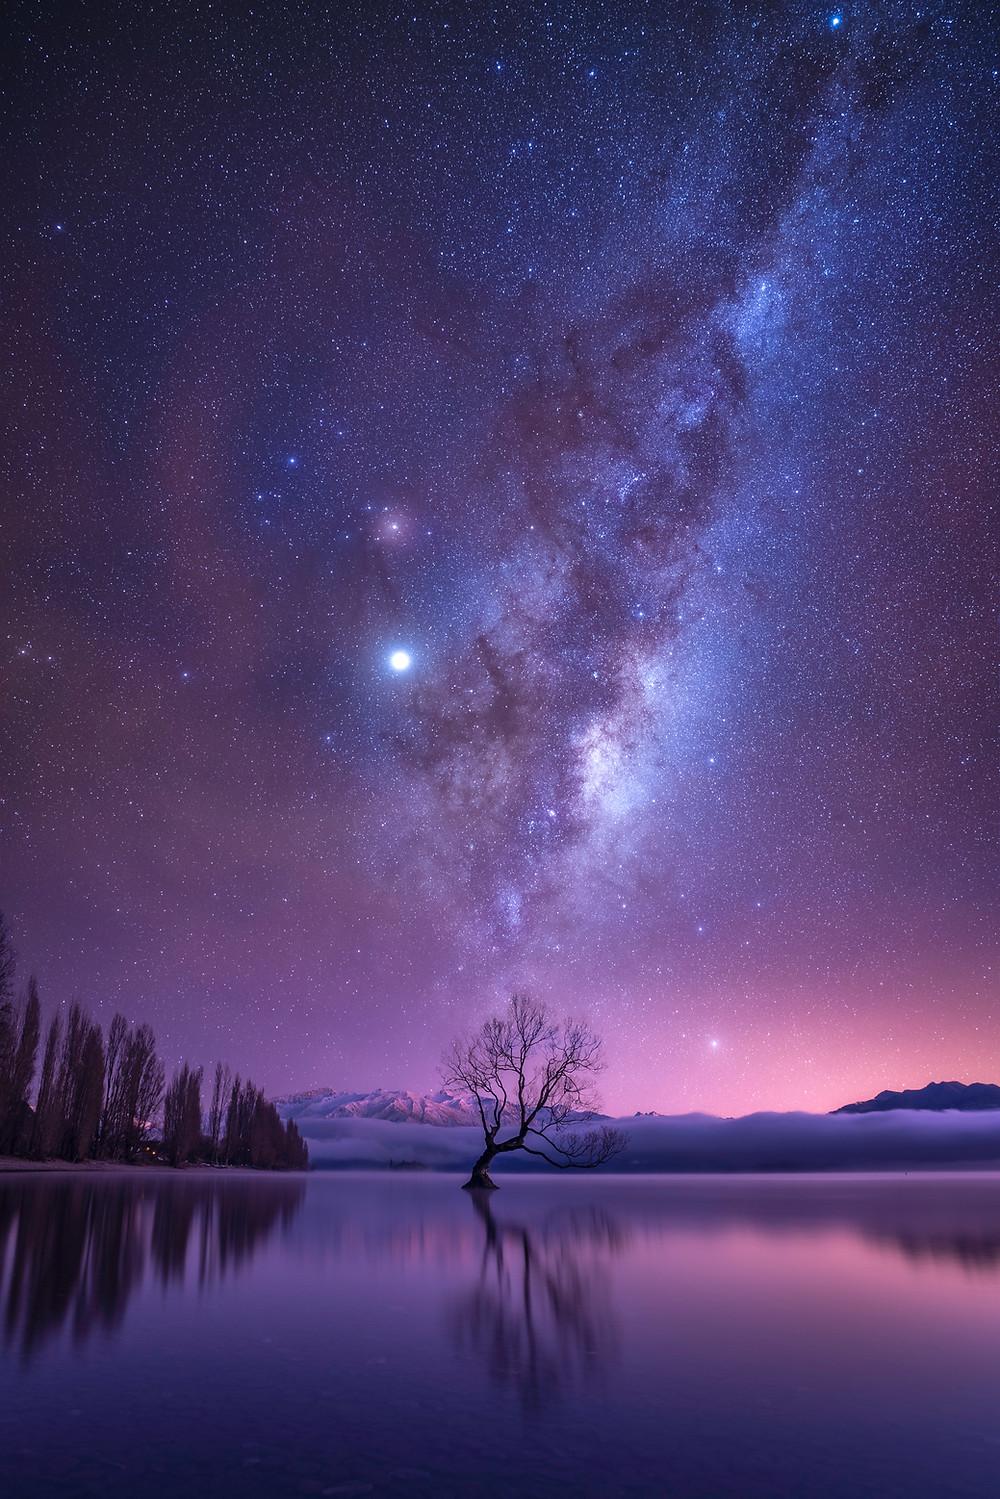 Wanaka Tree in New Zealand with Milky Way